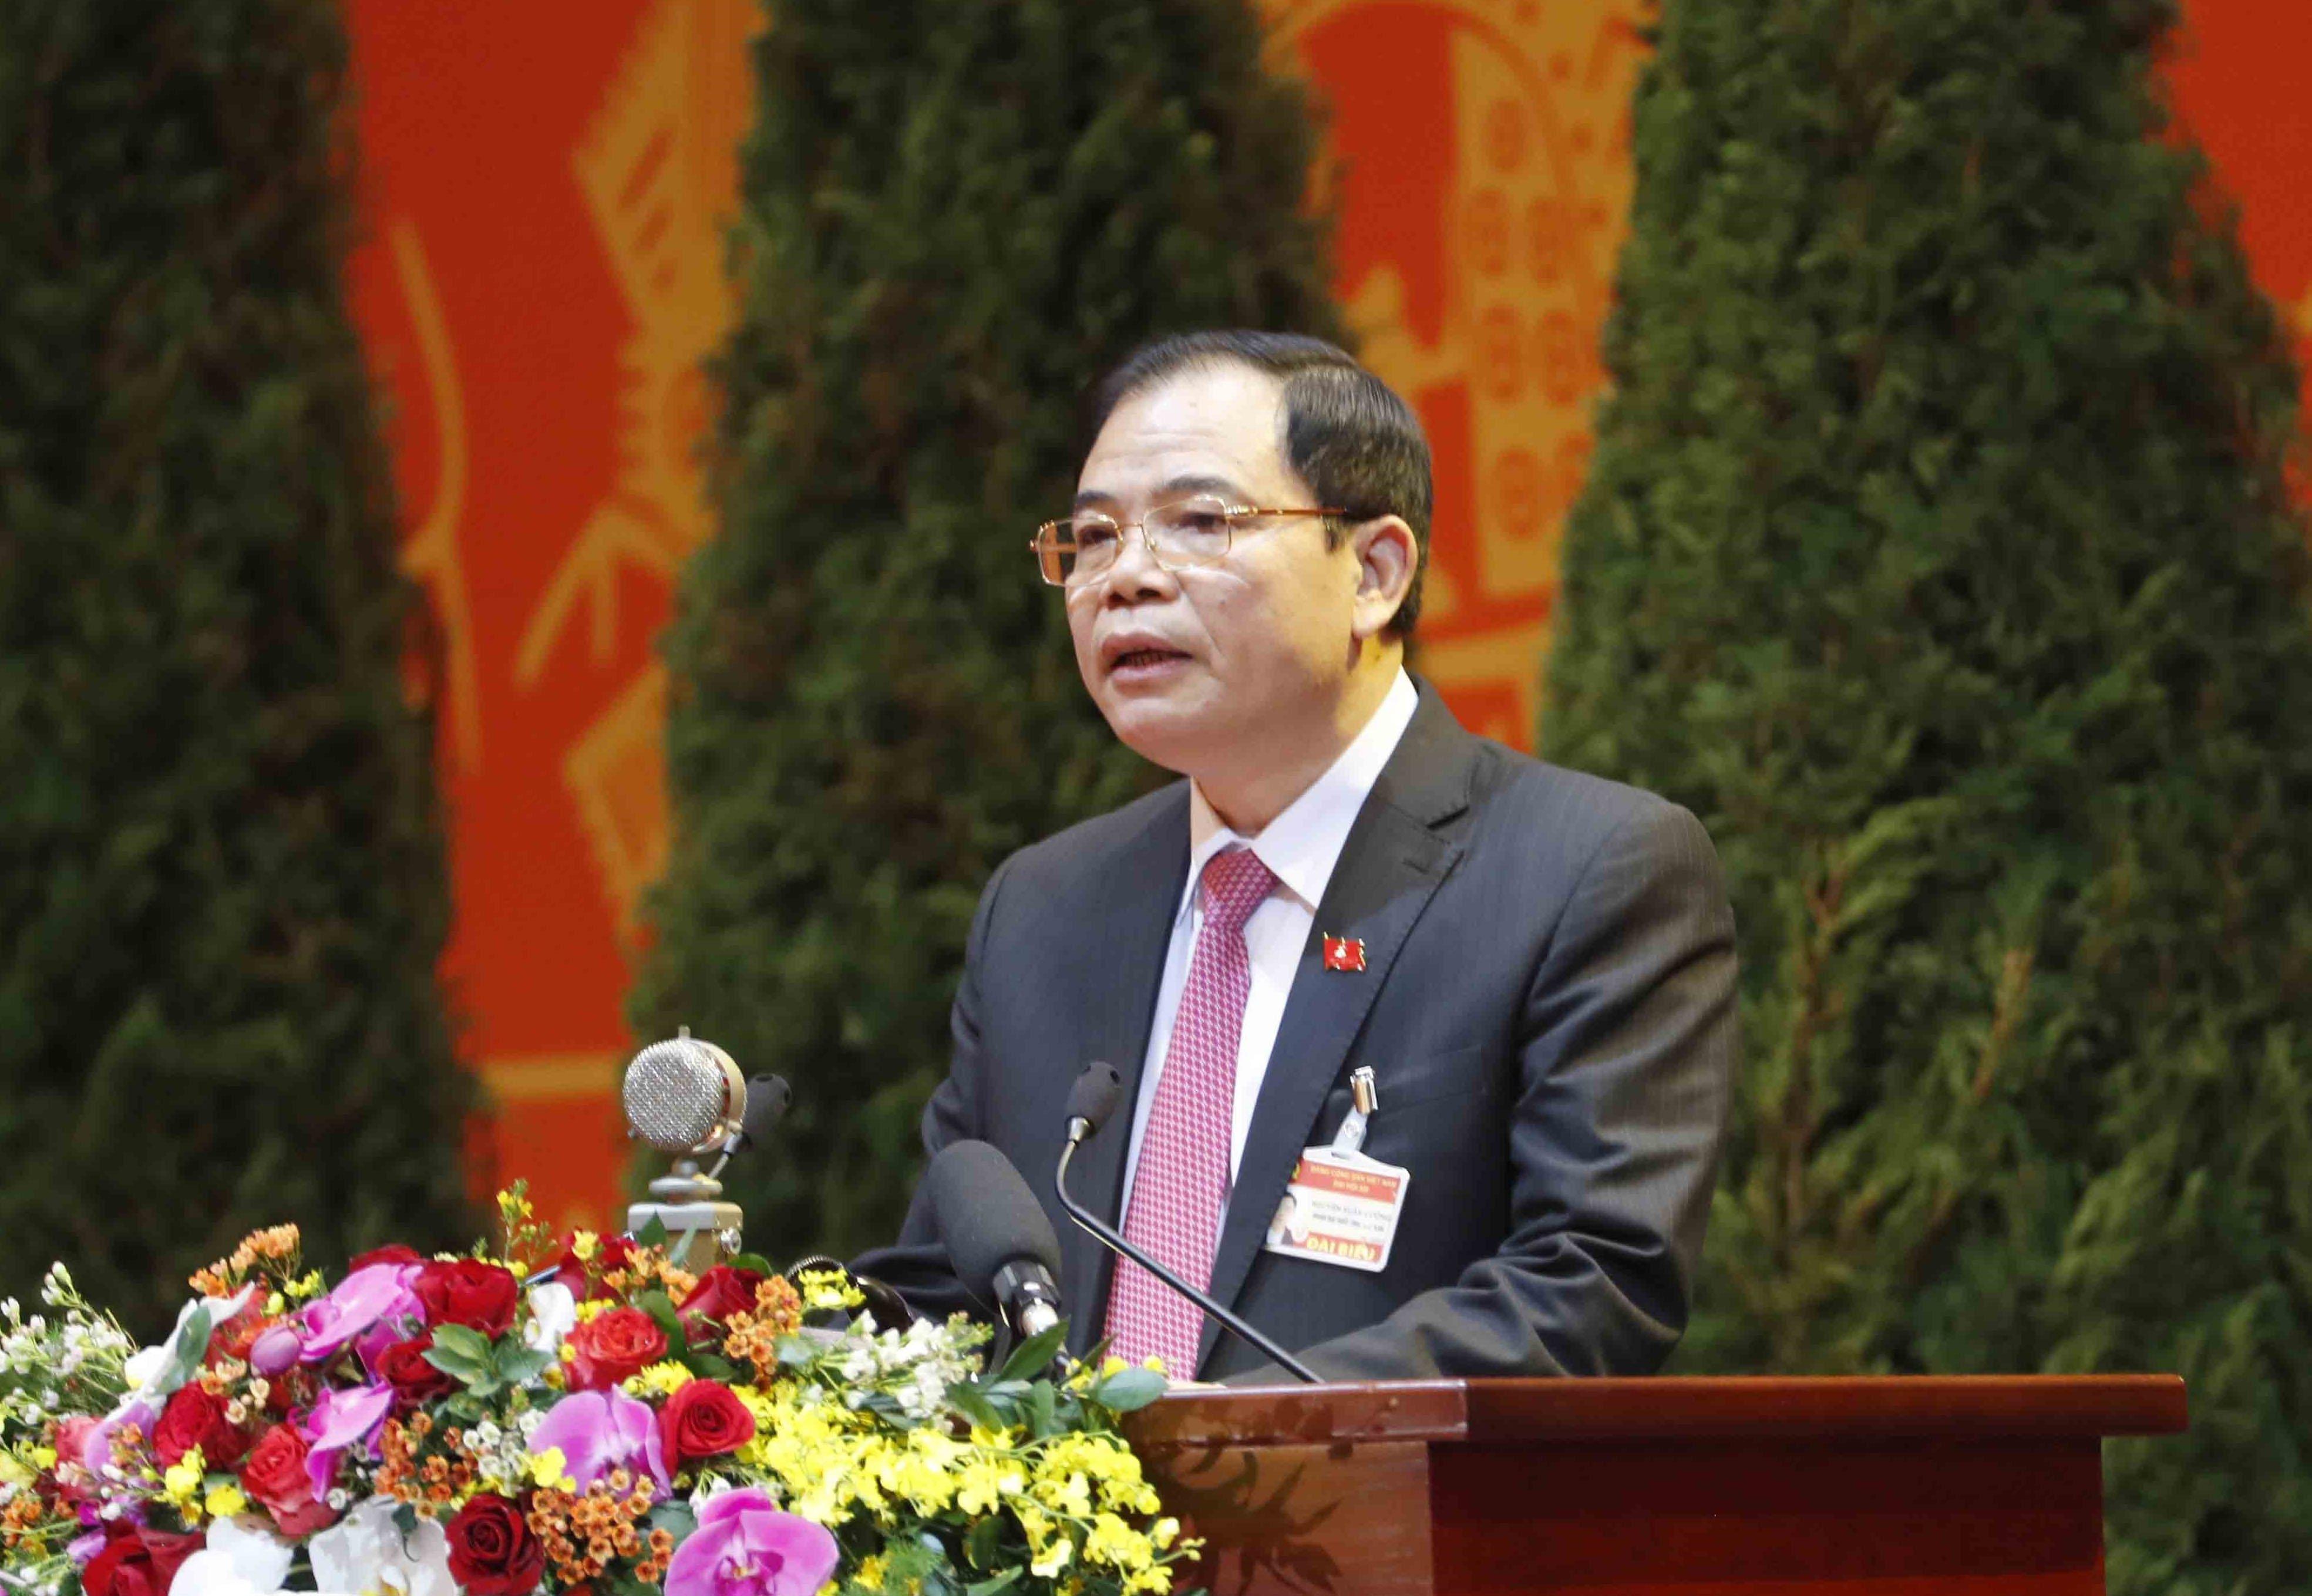 Ủy viên Ban Chấp hành Trung ương Đảng, Bộ trưởng Bộ Nông nghiệp và Phát triển nông thôn Nguyễn Xuân Cường trình bày tham luận